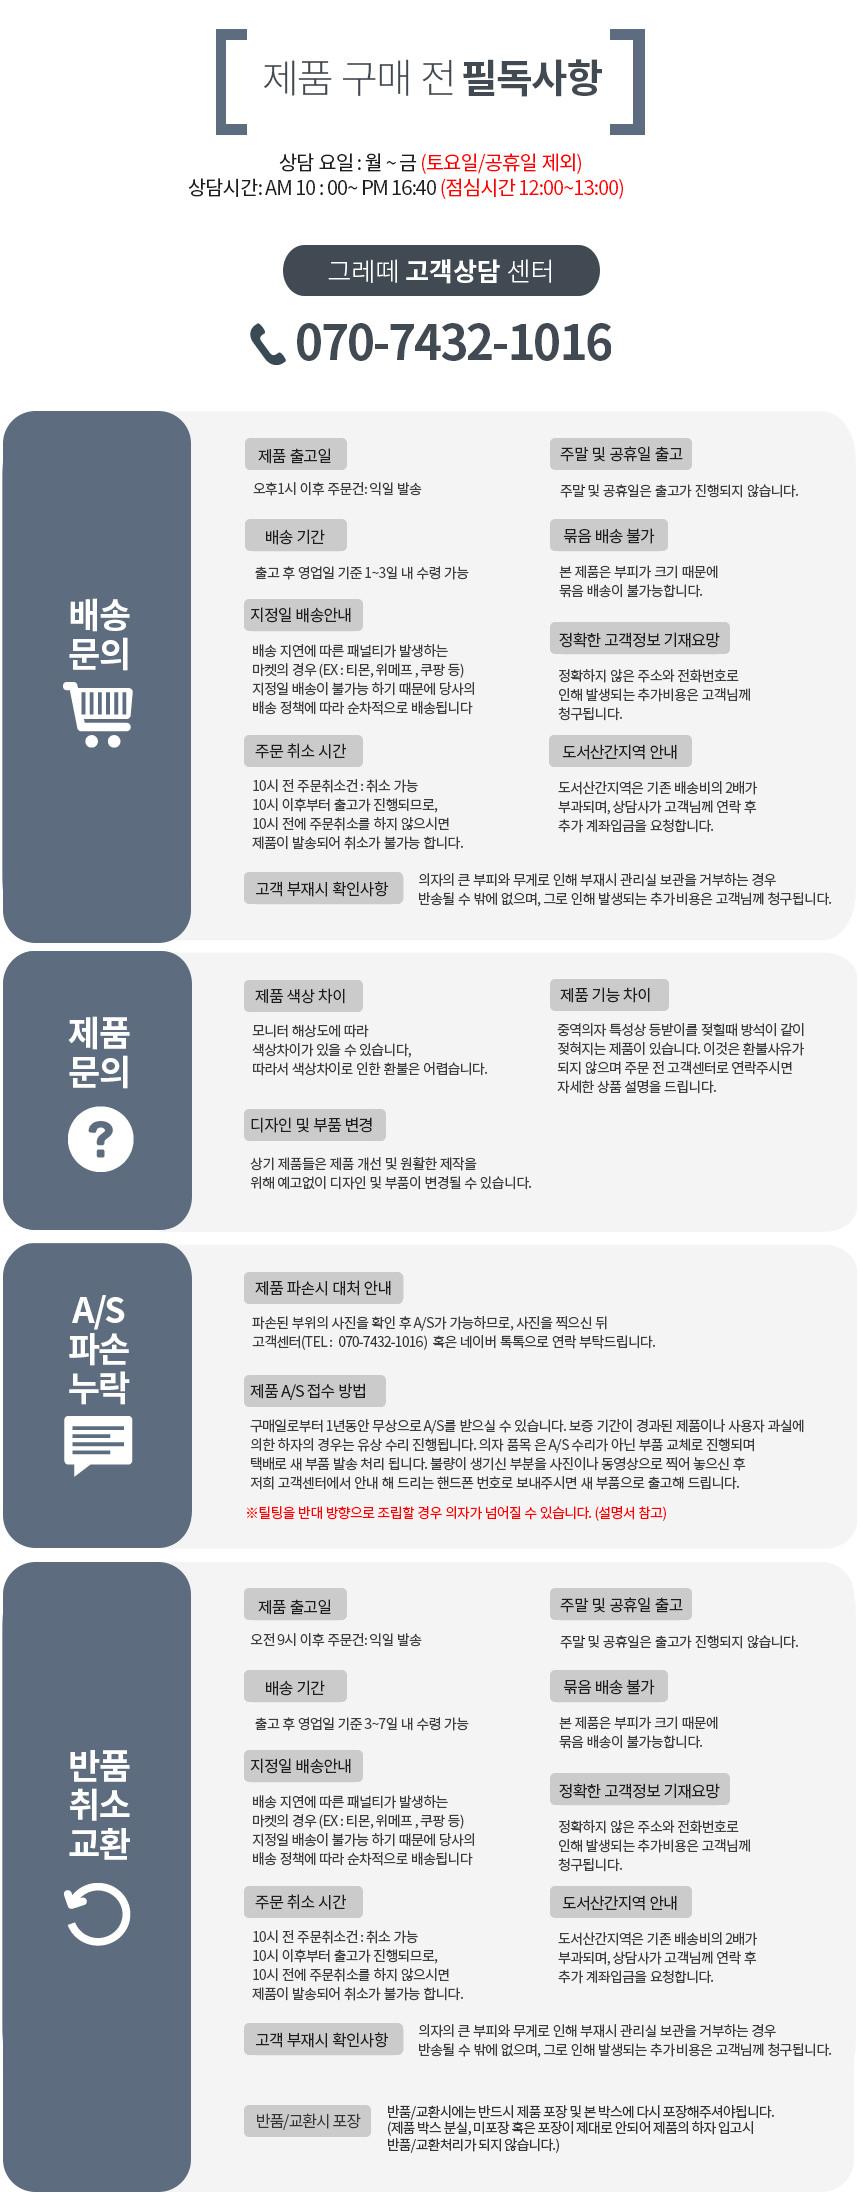 그레떼_안마의자10 구매전필독사항_최종.jpg